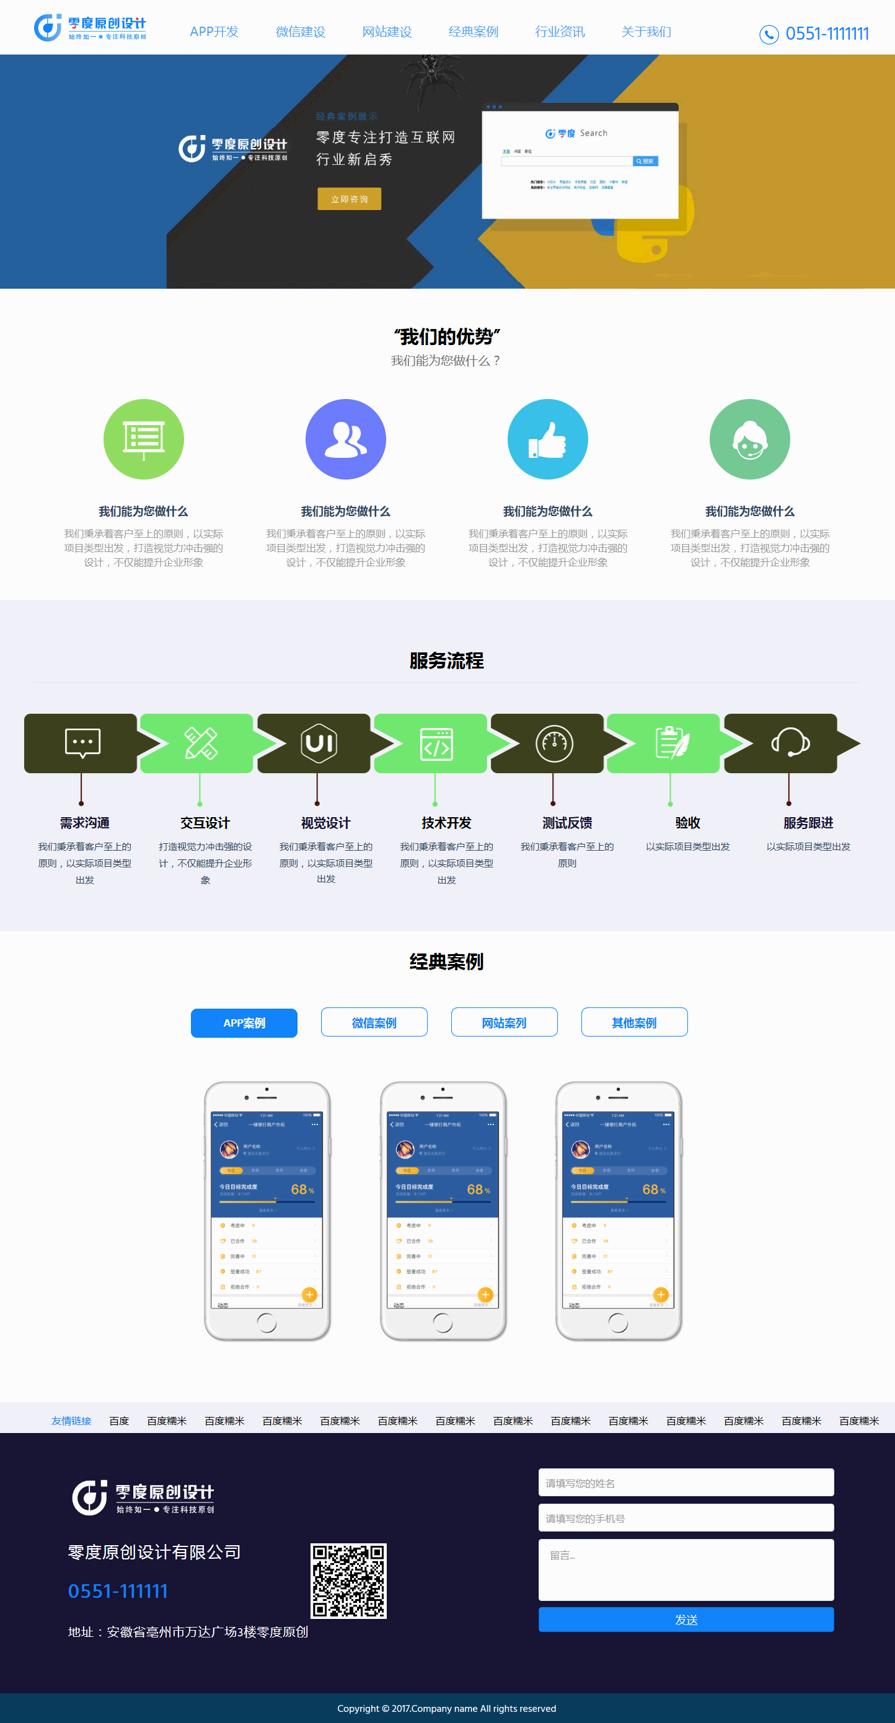 实用的app开发网络科技公司网页模板